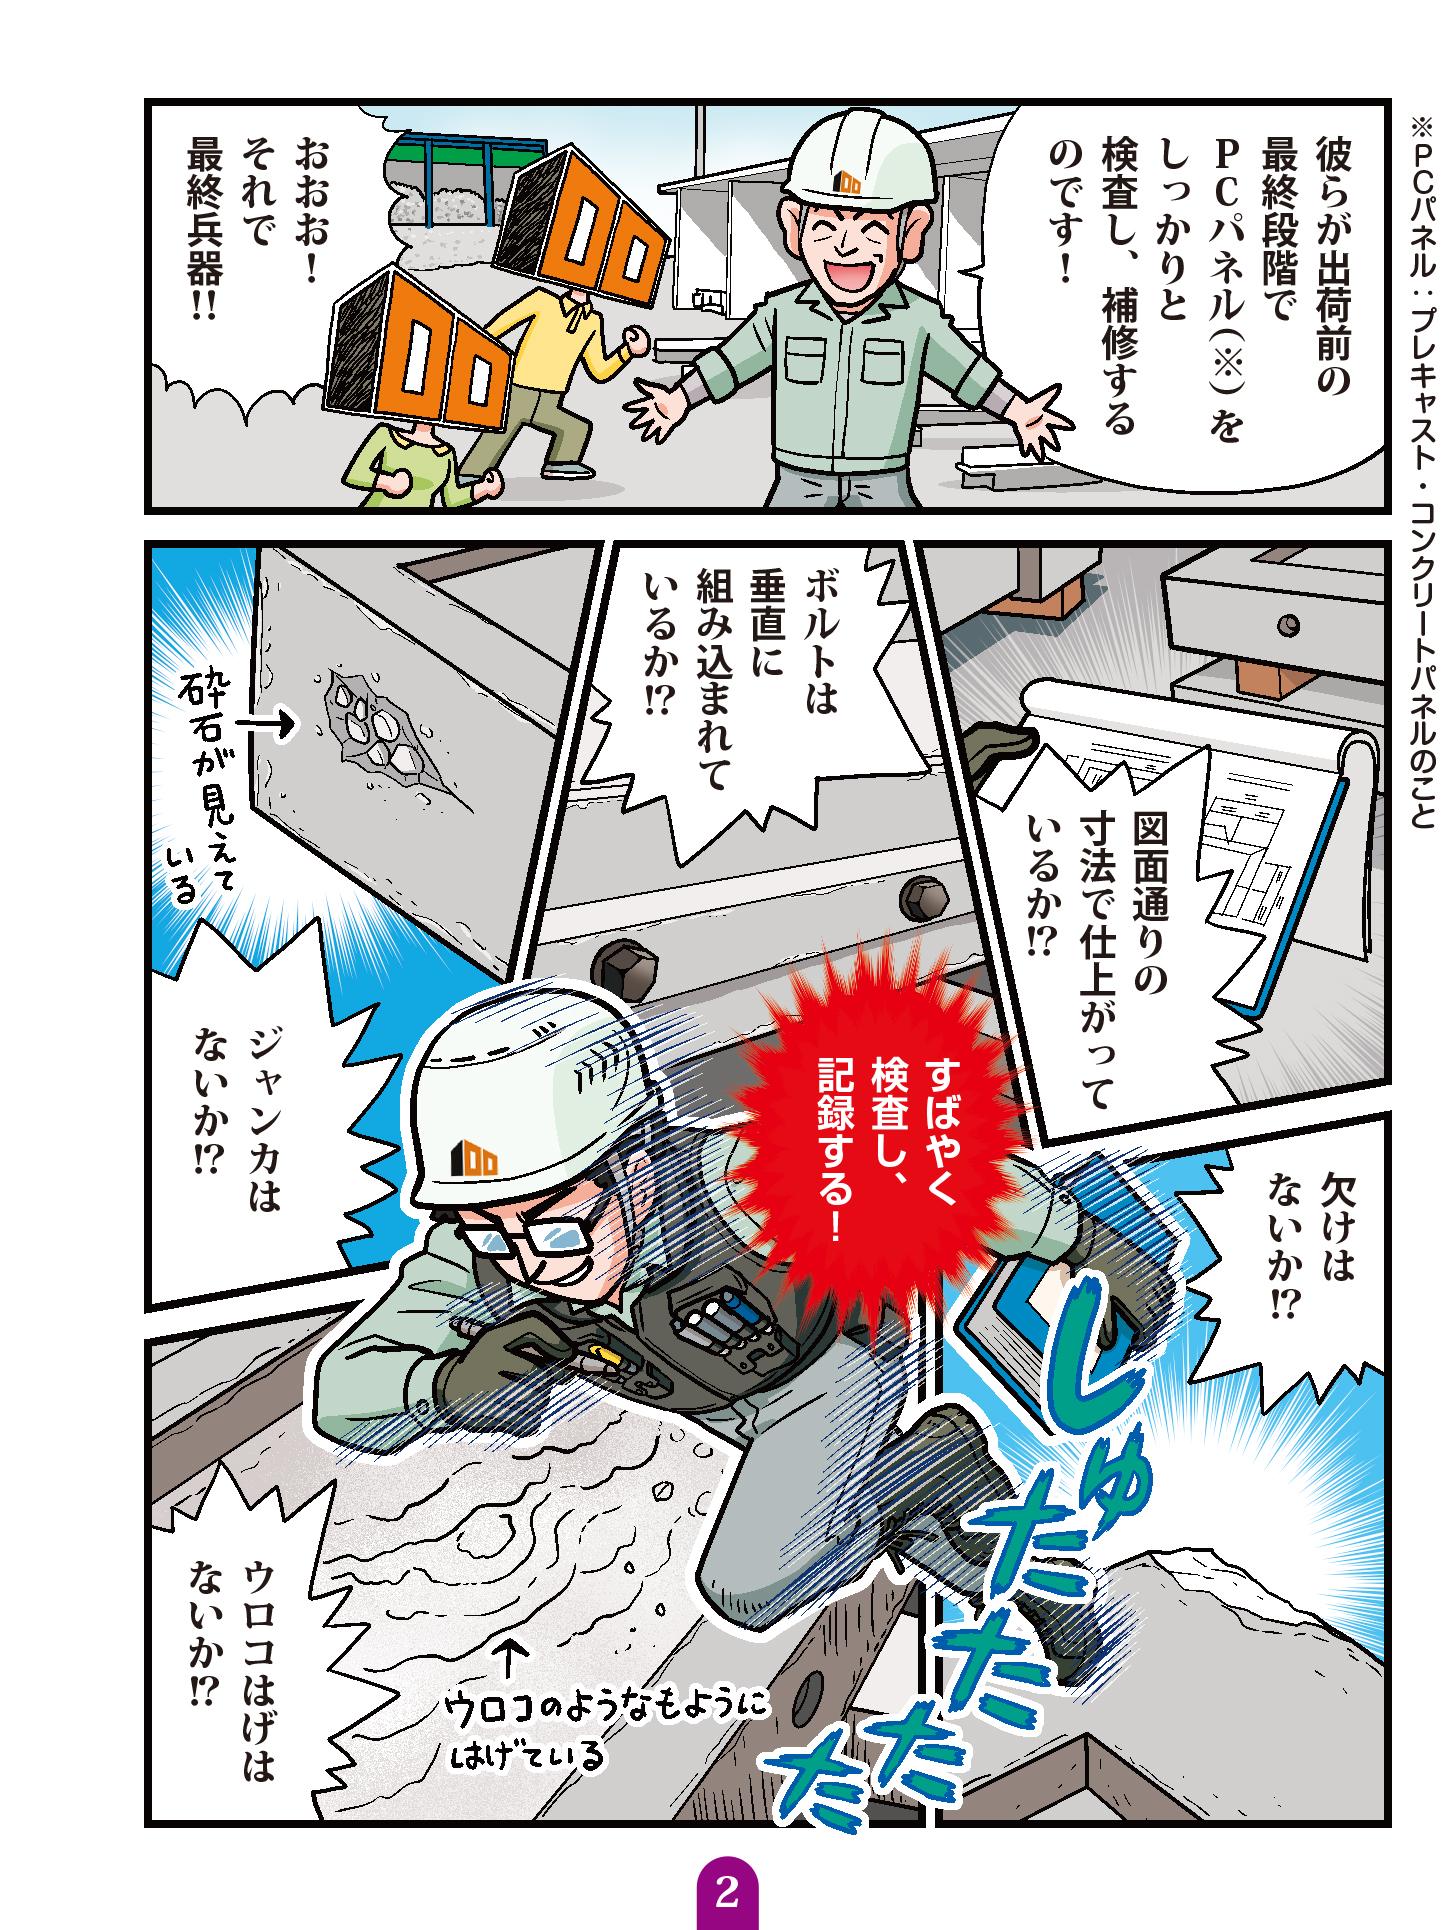 最強職人列伝 最終話 検査職人と補修職人02